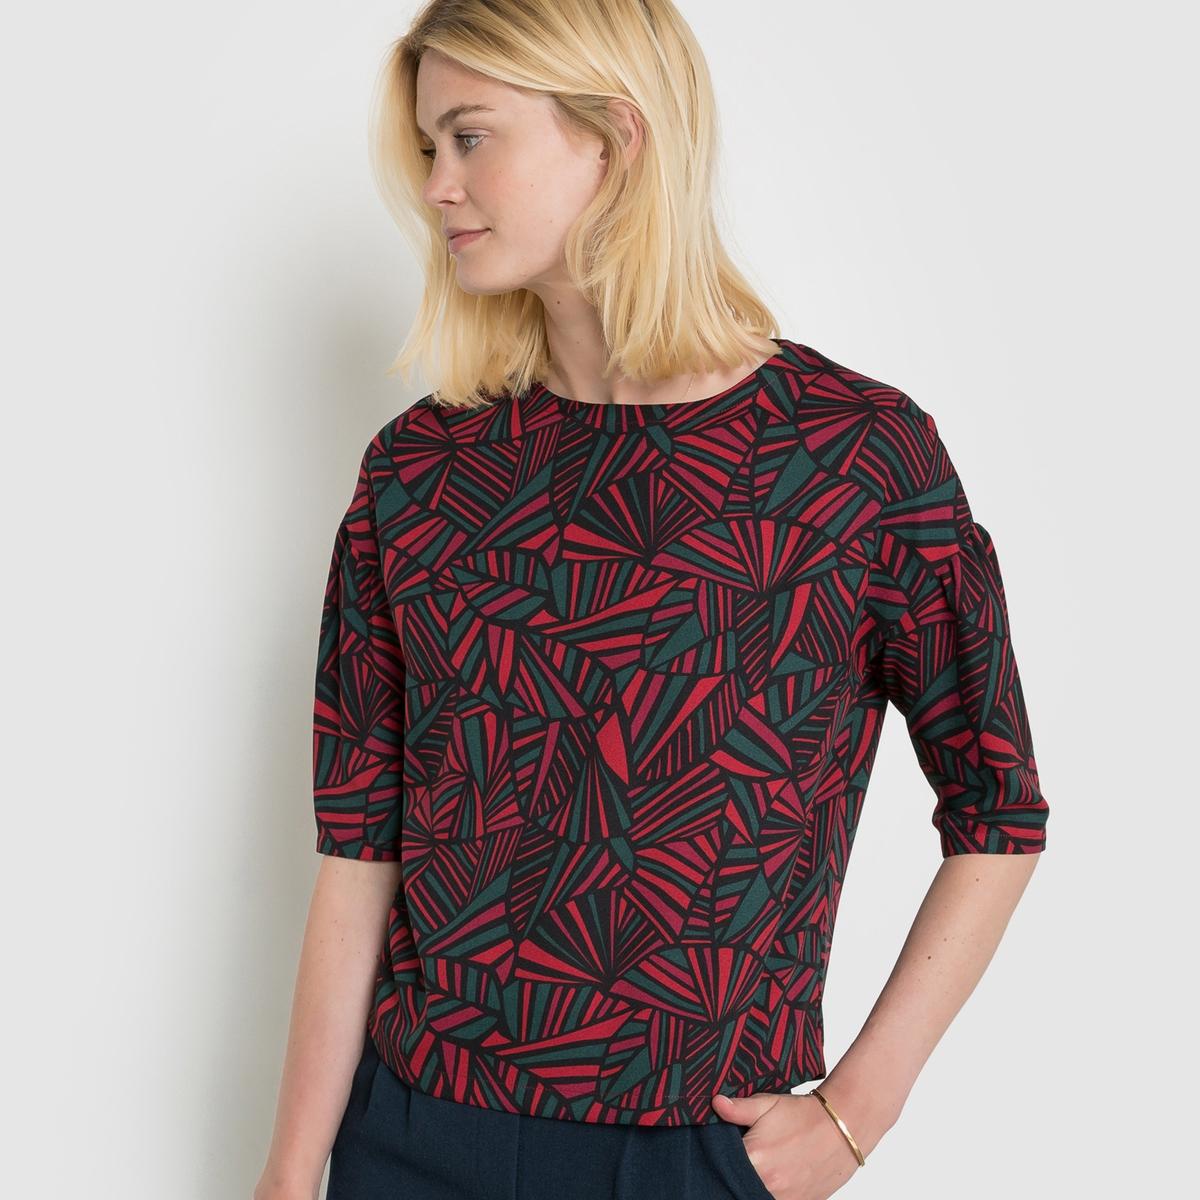 Блузка с графичным рисункомСтруящаяся блузка свободного покроя с графичным рисунком. Круглый вырез. Рукава 3/4 с эффектом рукавов-фонариков. Состав и описаниеМатериал: 100% полиэстераДлина 60 см Марка:R essentiel.  УходМашинная стирка при 30° с одеждой такого же цвета.Машинная сушка на умеренном режимеСтирать и утюжить с изнаночной стороныГладить на низкой температуре<br><br>Цвет: графичный рисунок